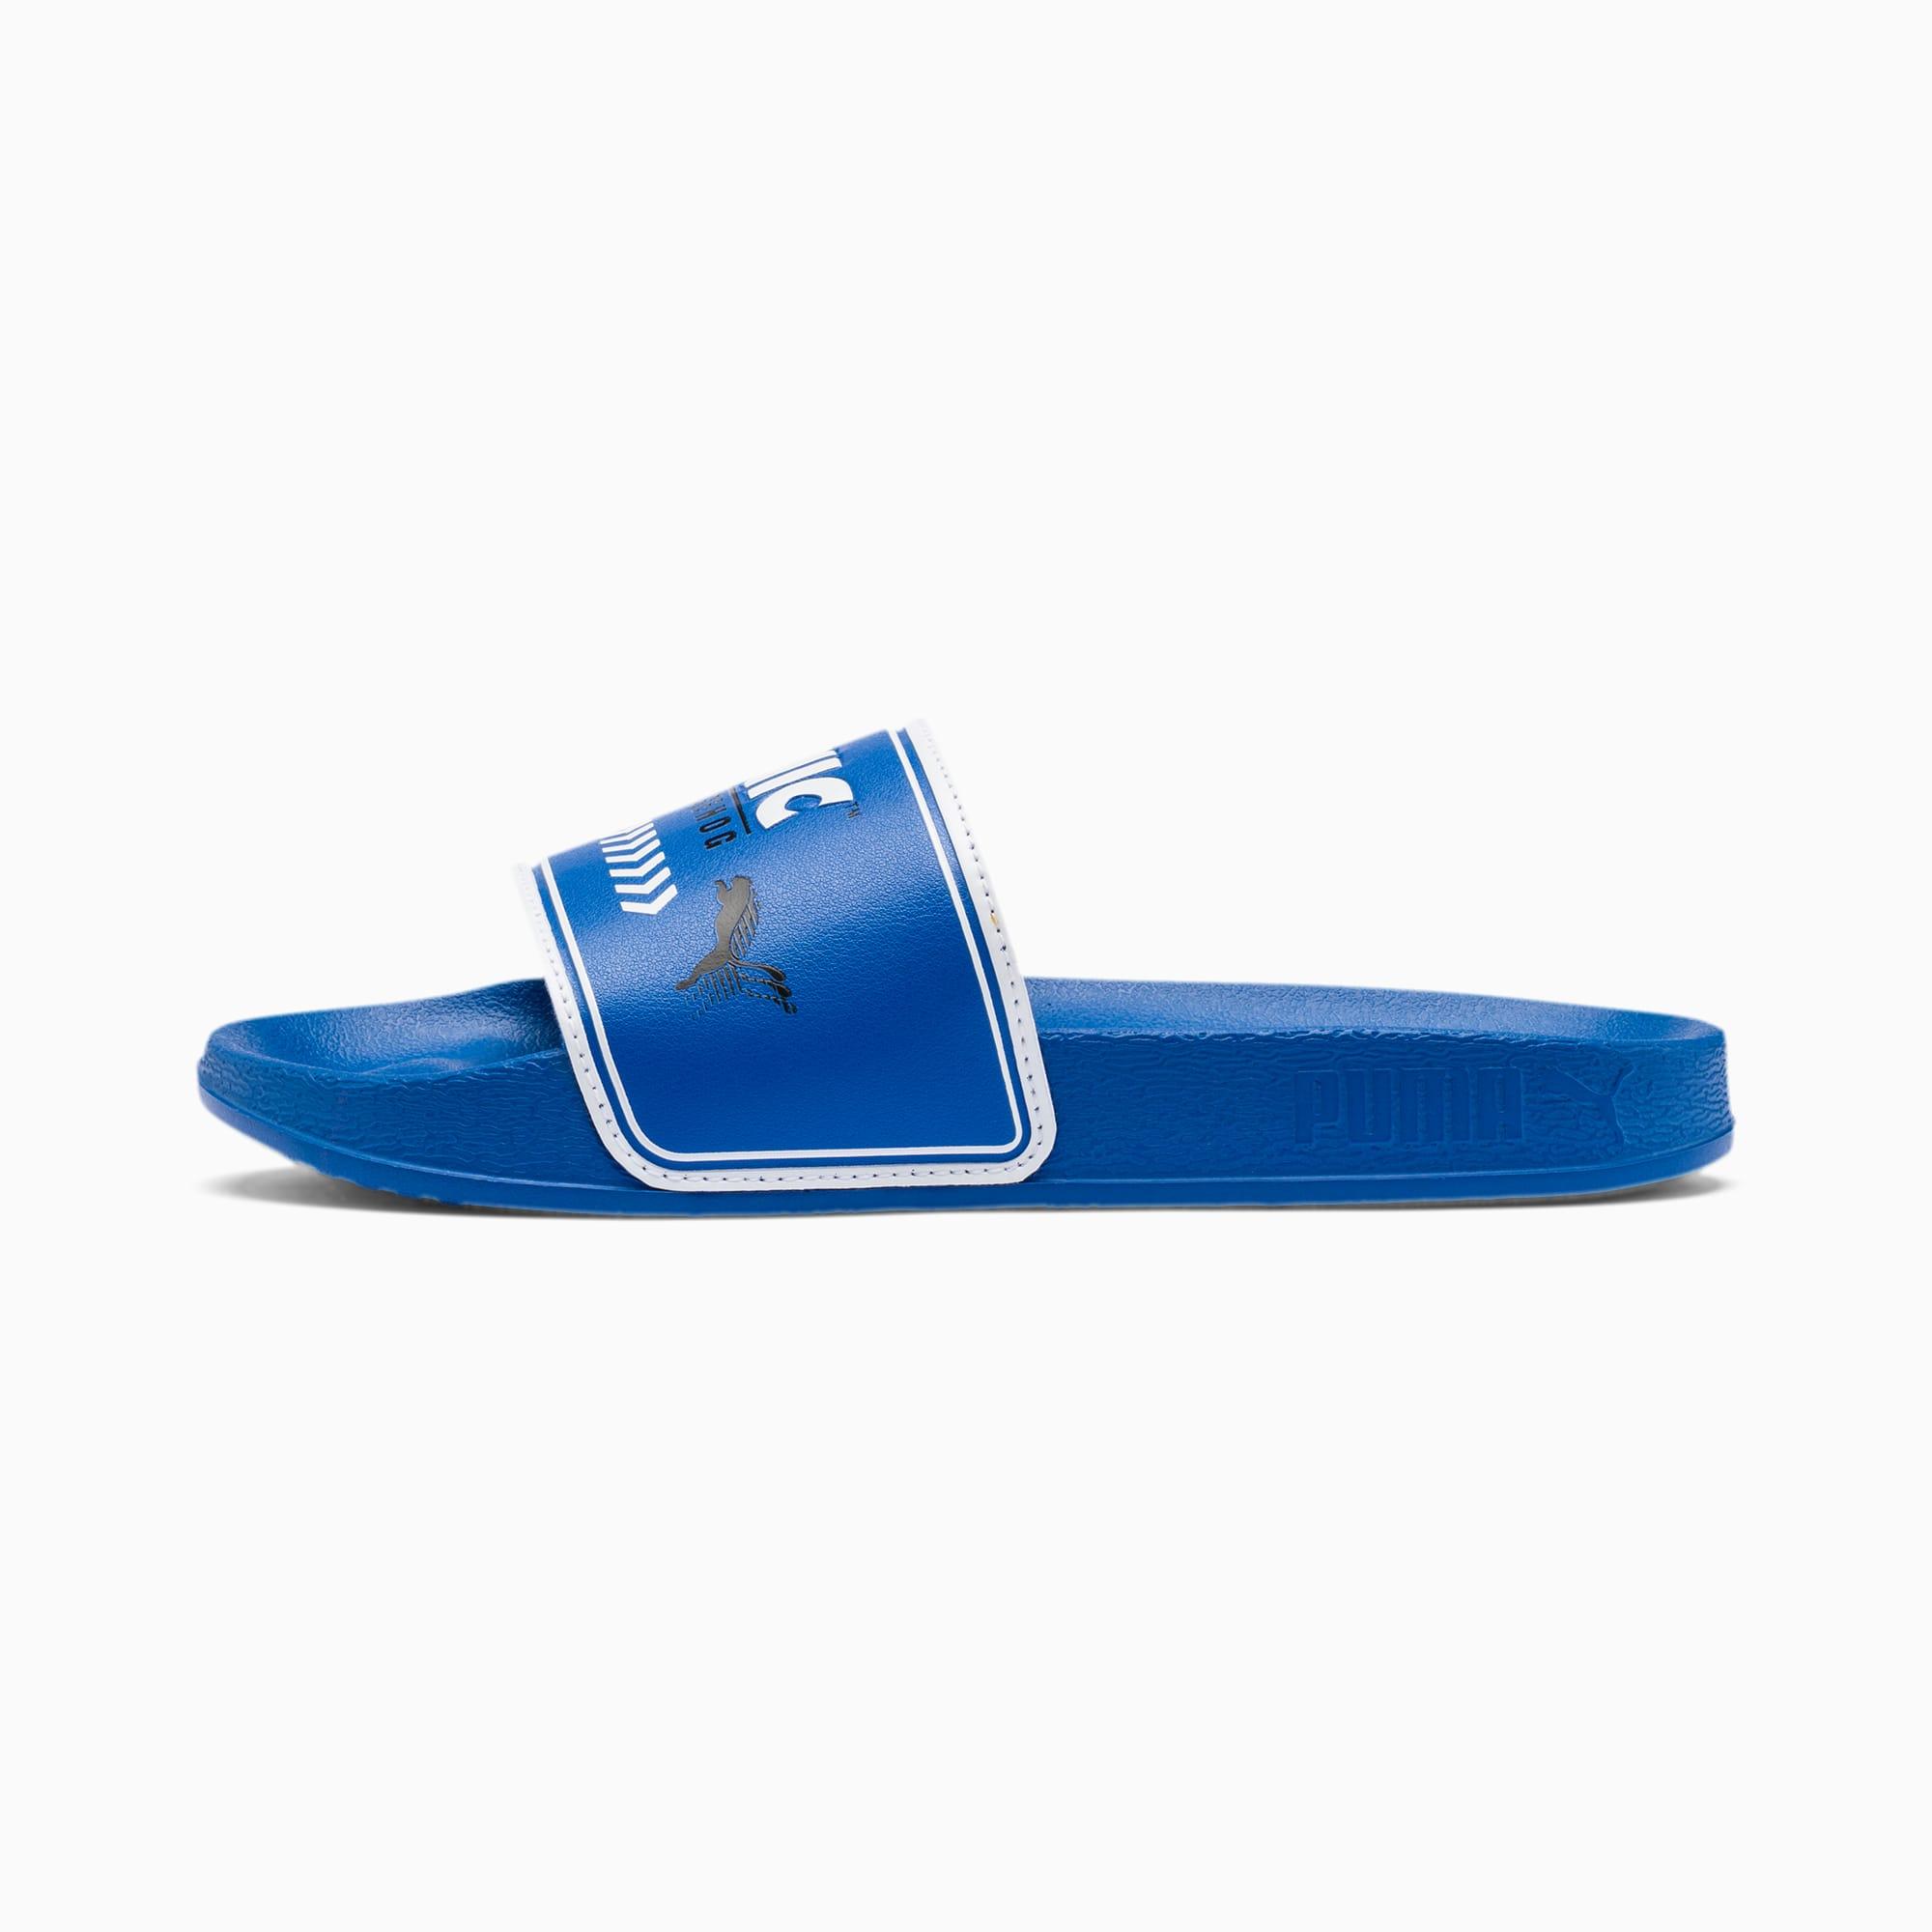 PUMA Sandale PUMA x SONIC Leadcat pour enfant, Bleu/Blanc, Taille 33, Chaussures